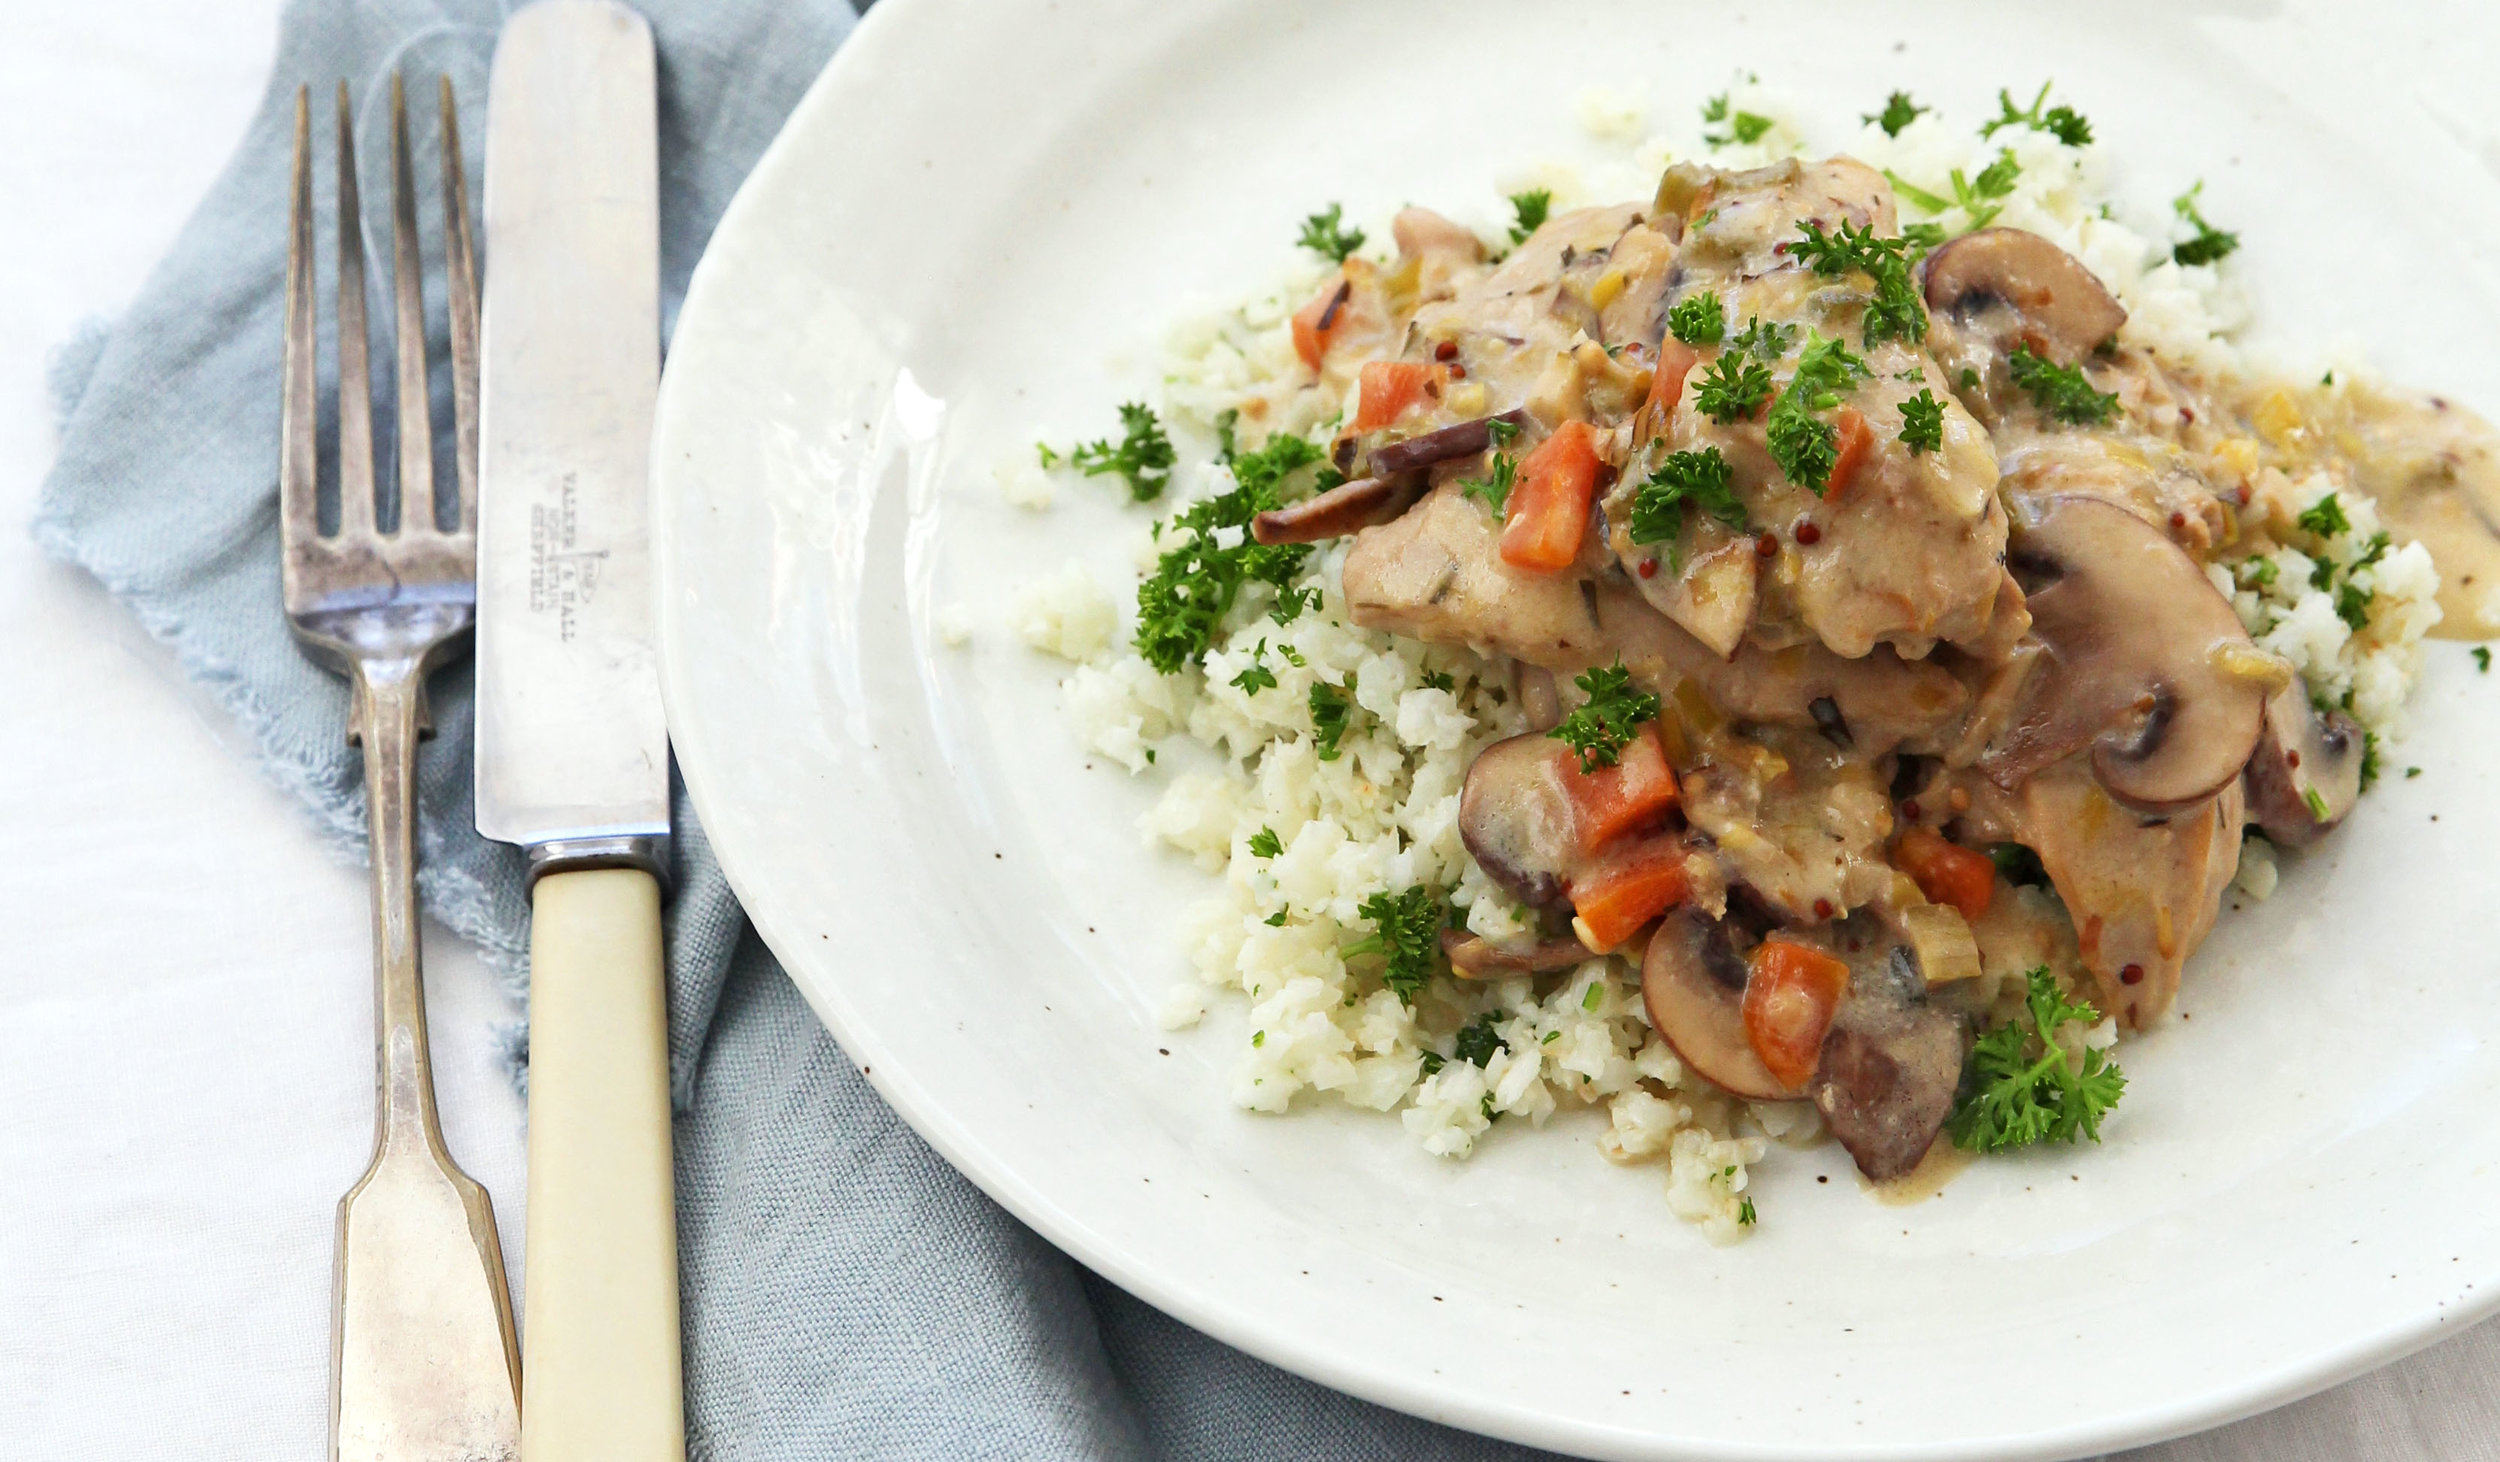 BLOG_mustard leek mushroom chicken cali rice3.jpg